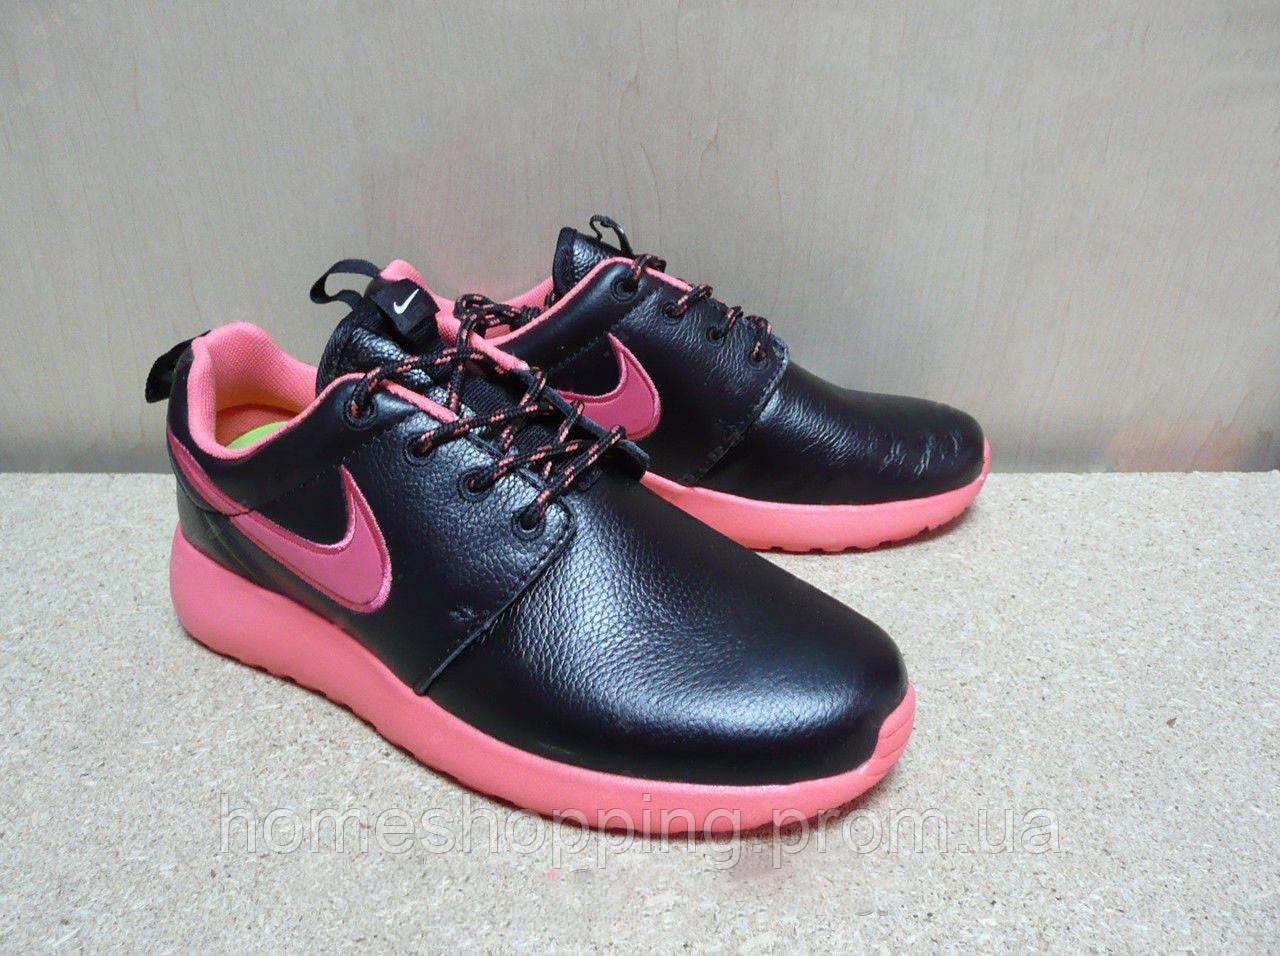 Женские кроссовки Nike Roshe Run кожа черно розовые